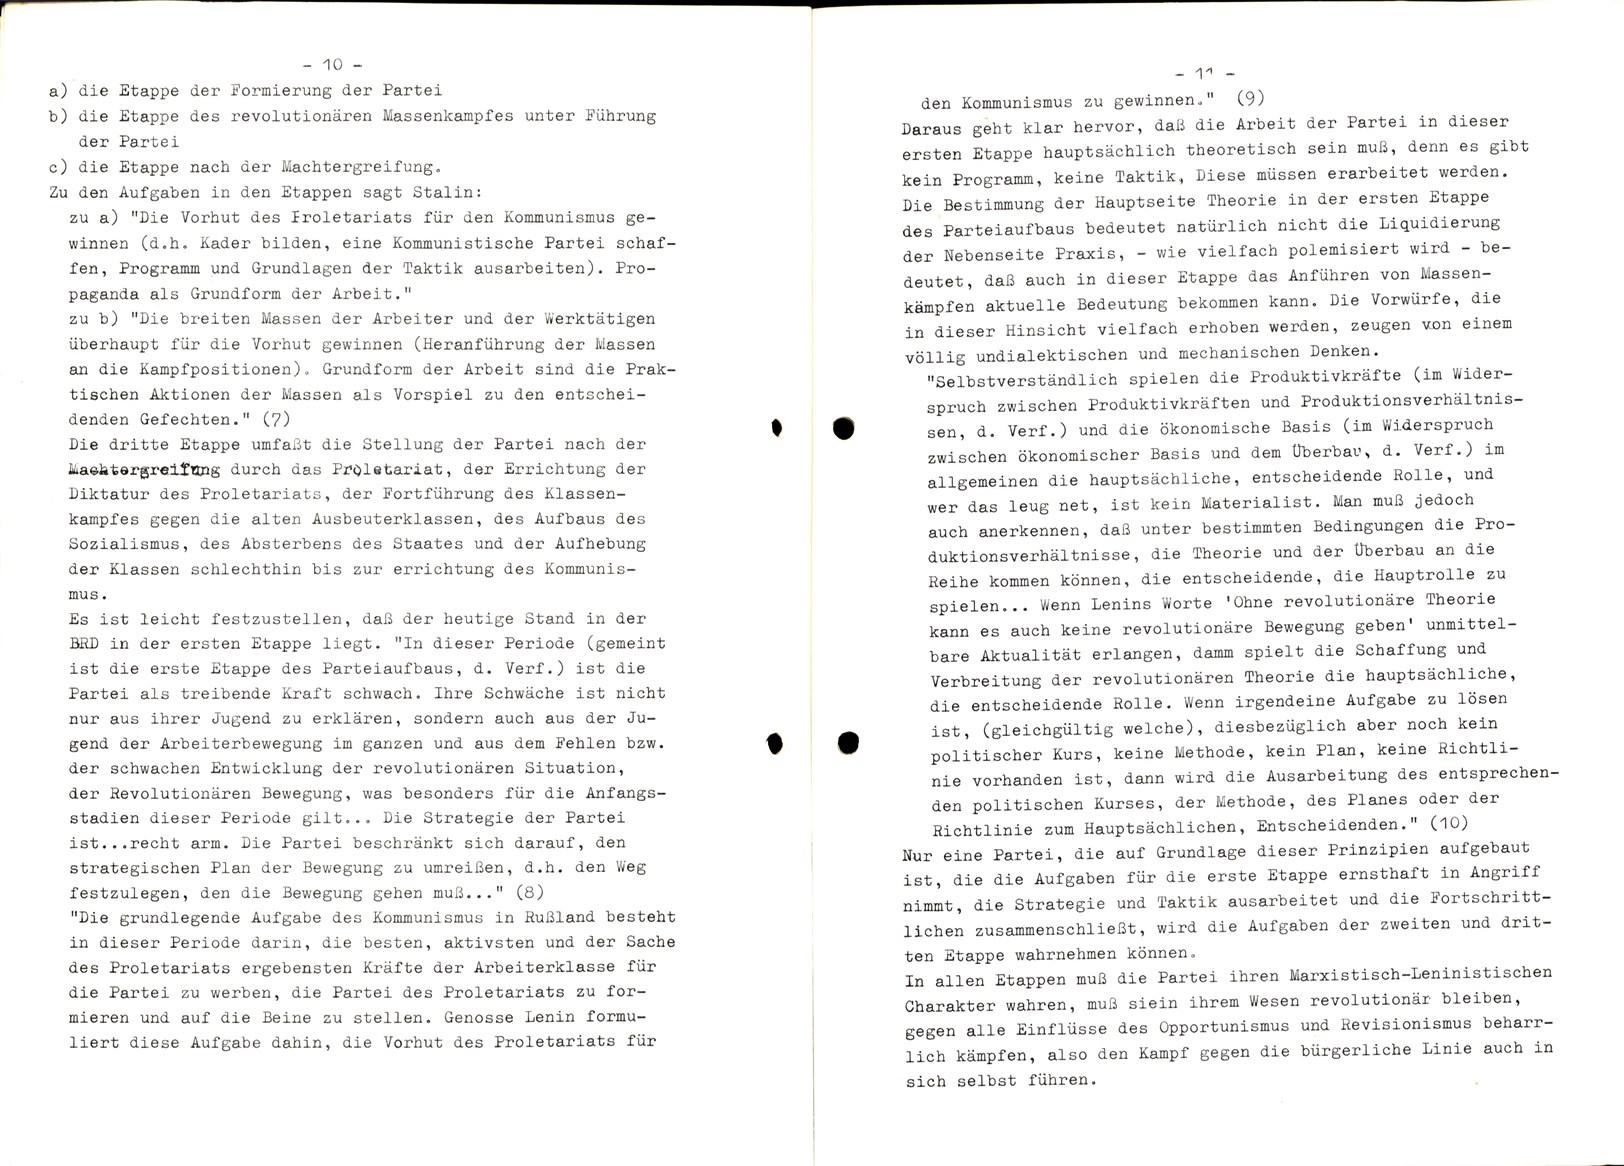 Aachen_KSBML_1971_Selbstkritik_07